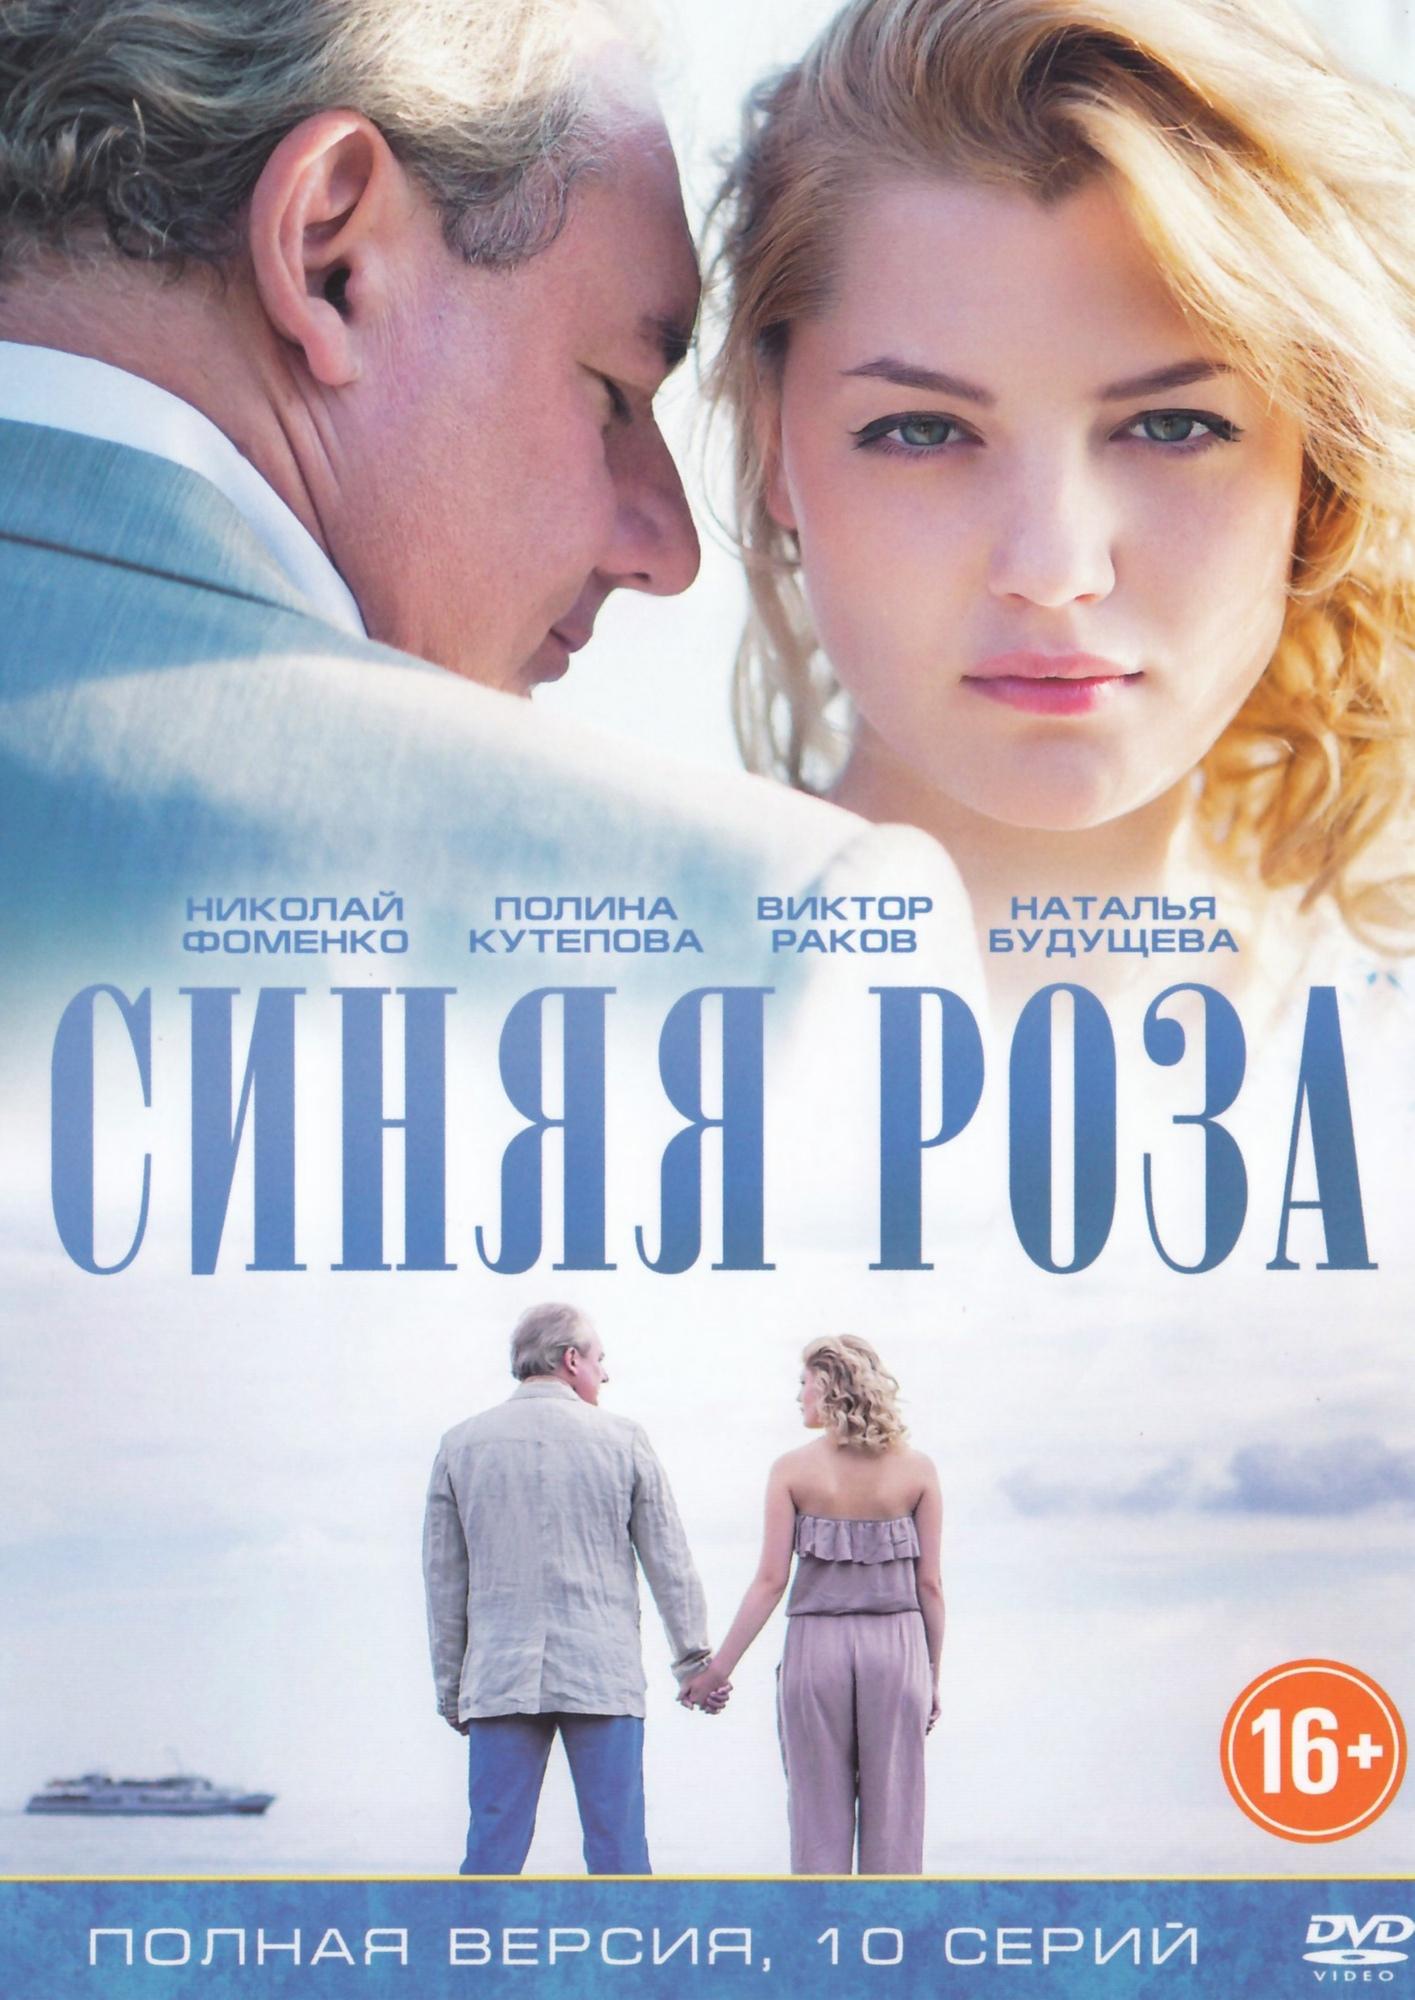 Мелодрама «Cиняя poзa» (2017) 1-10 серия из 10 HD